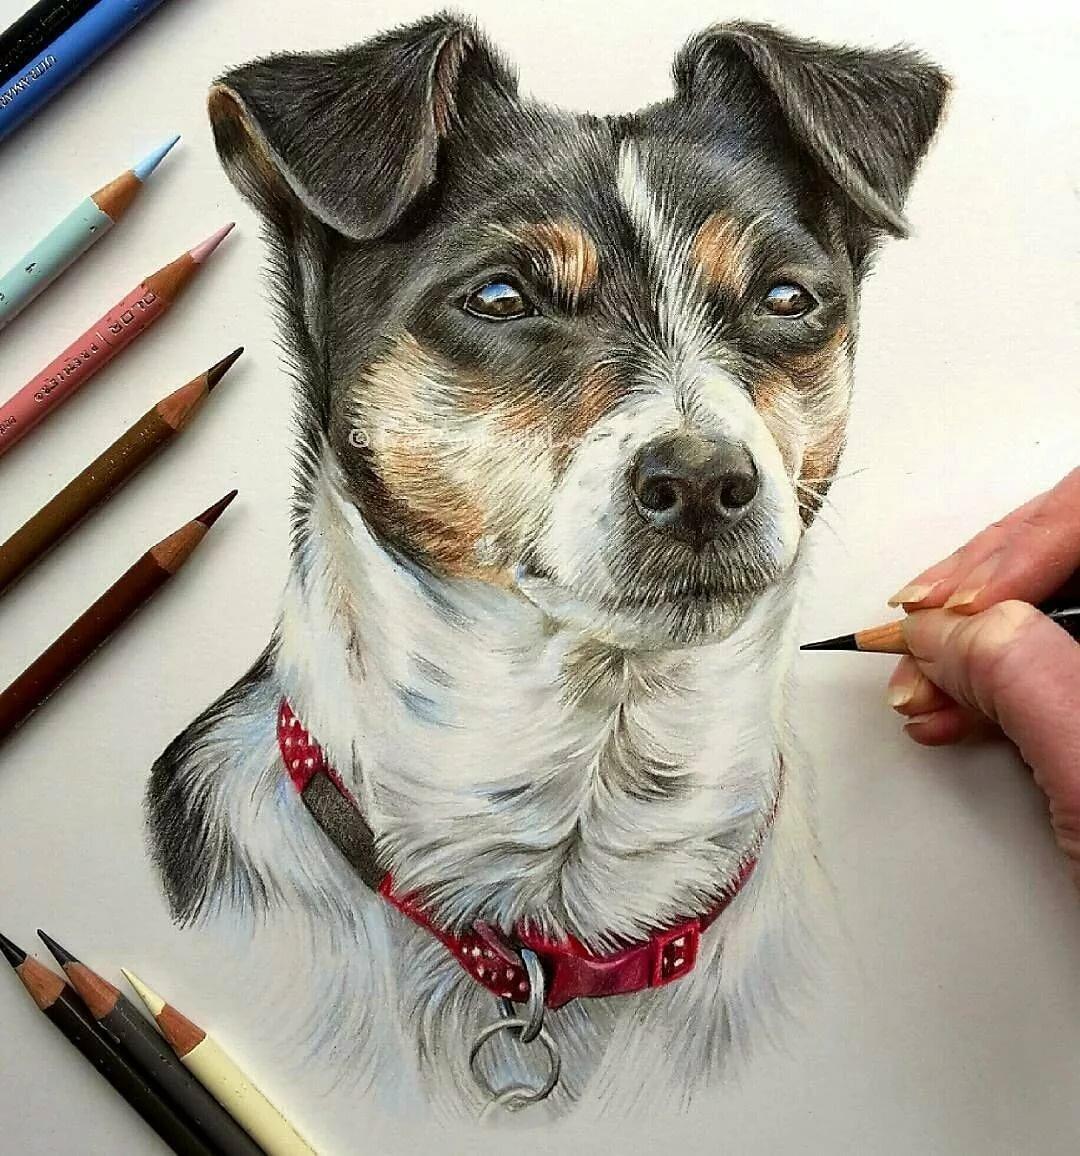 профессионально рисовать картинки сможете